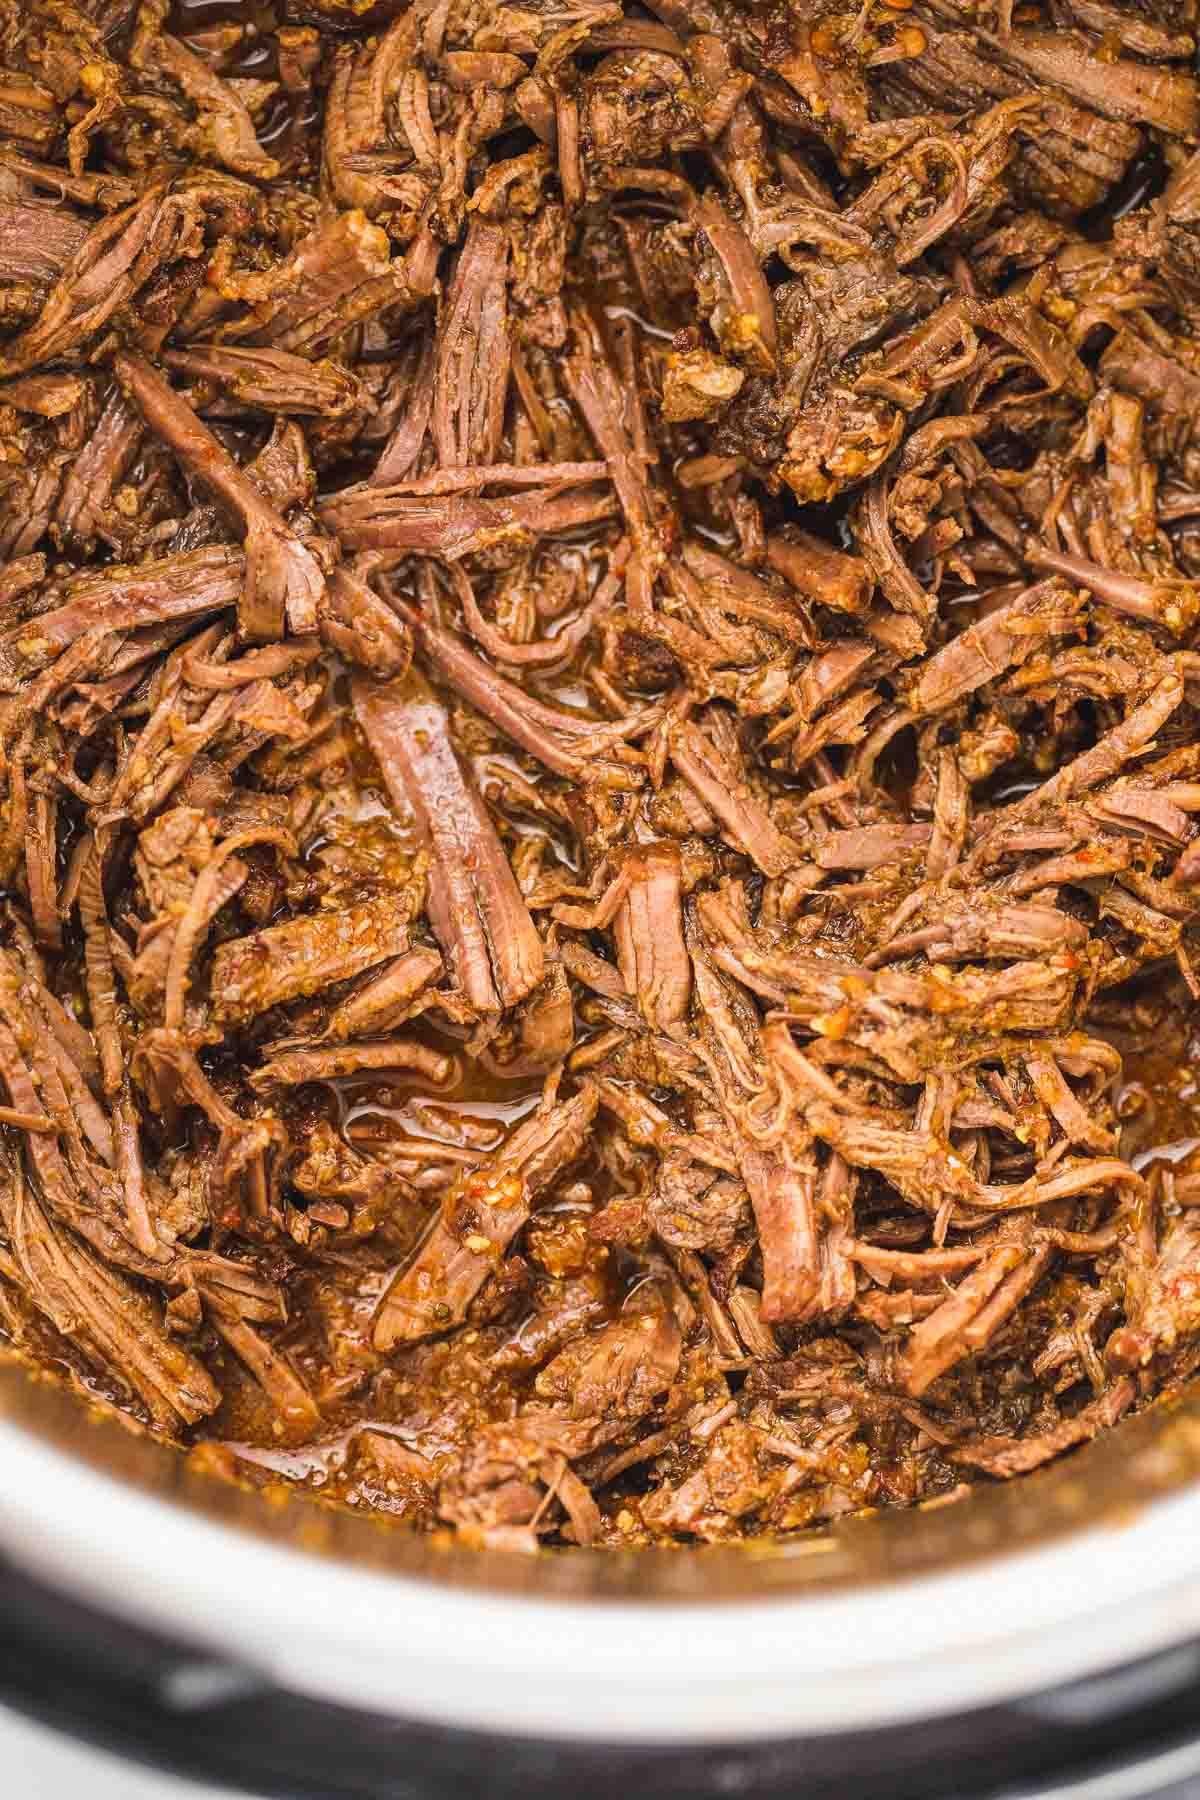 Shredded barbacoa in the Instant Pot